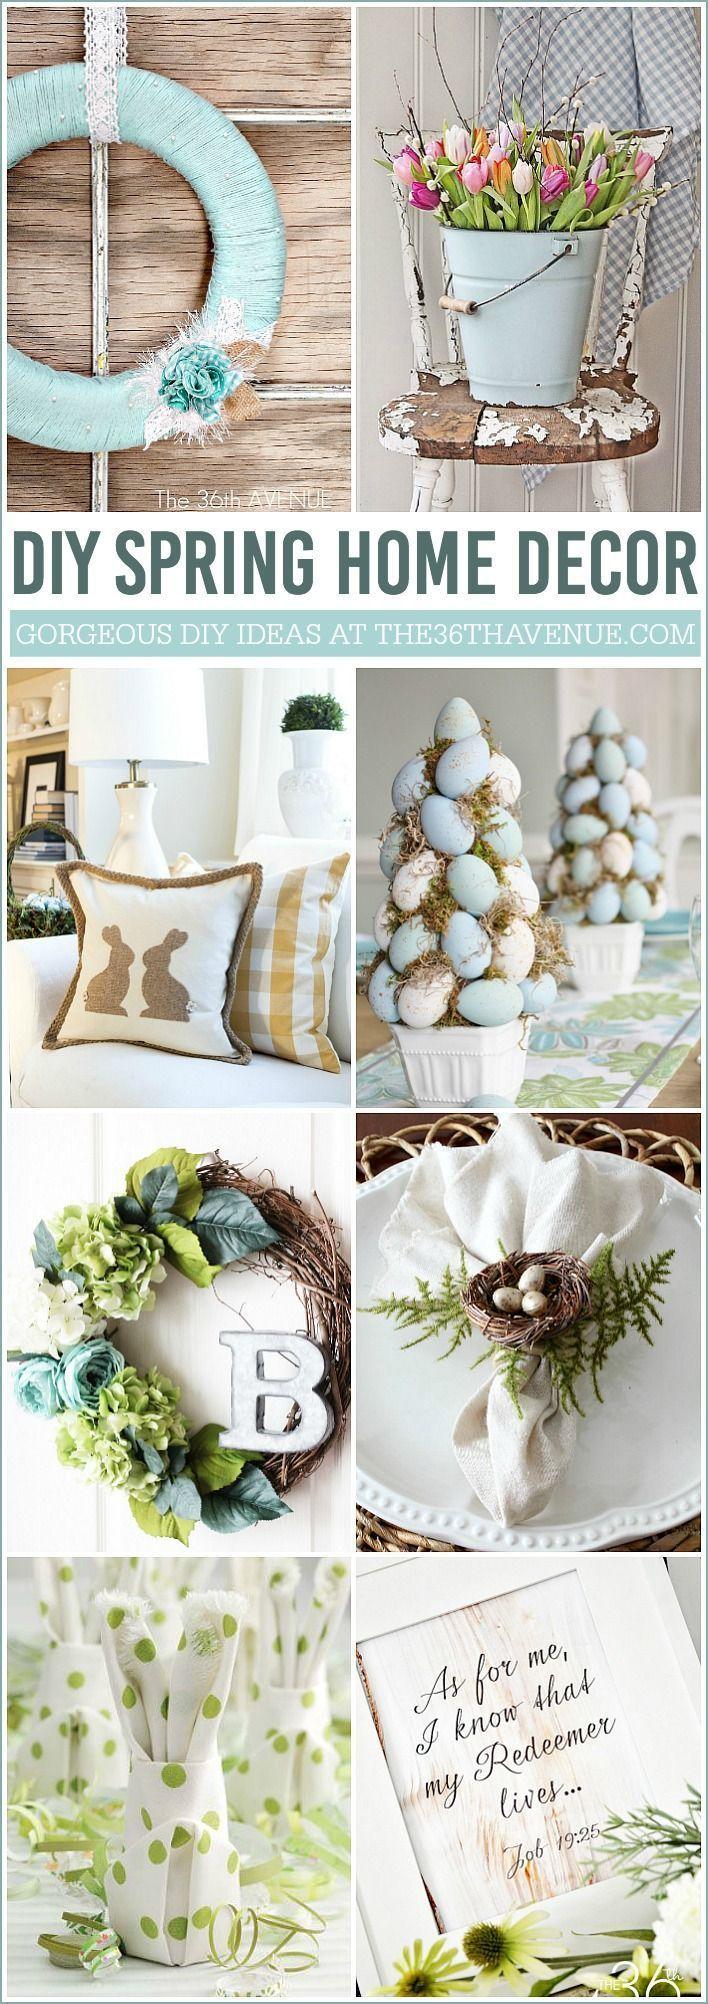 DIY Spring U0026 Easter/Ostara Home Decor Ideas   Beautiful Spring Home Decor  Ideas That